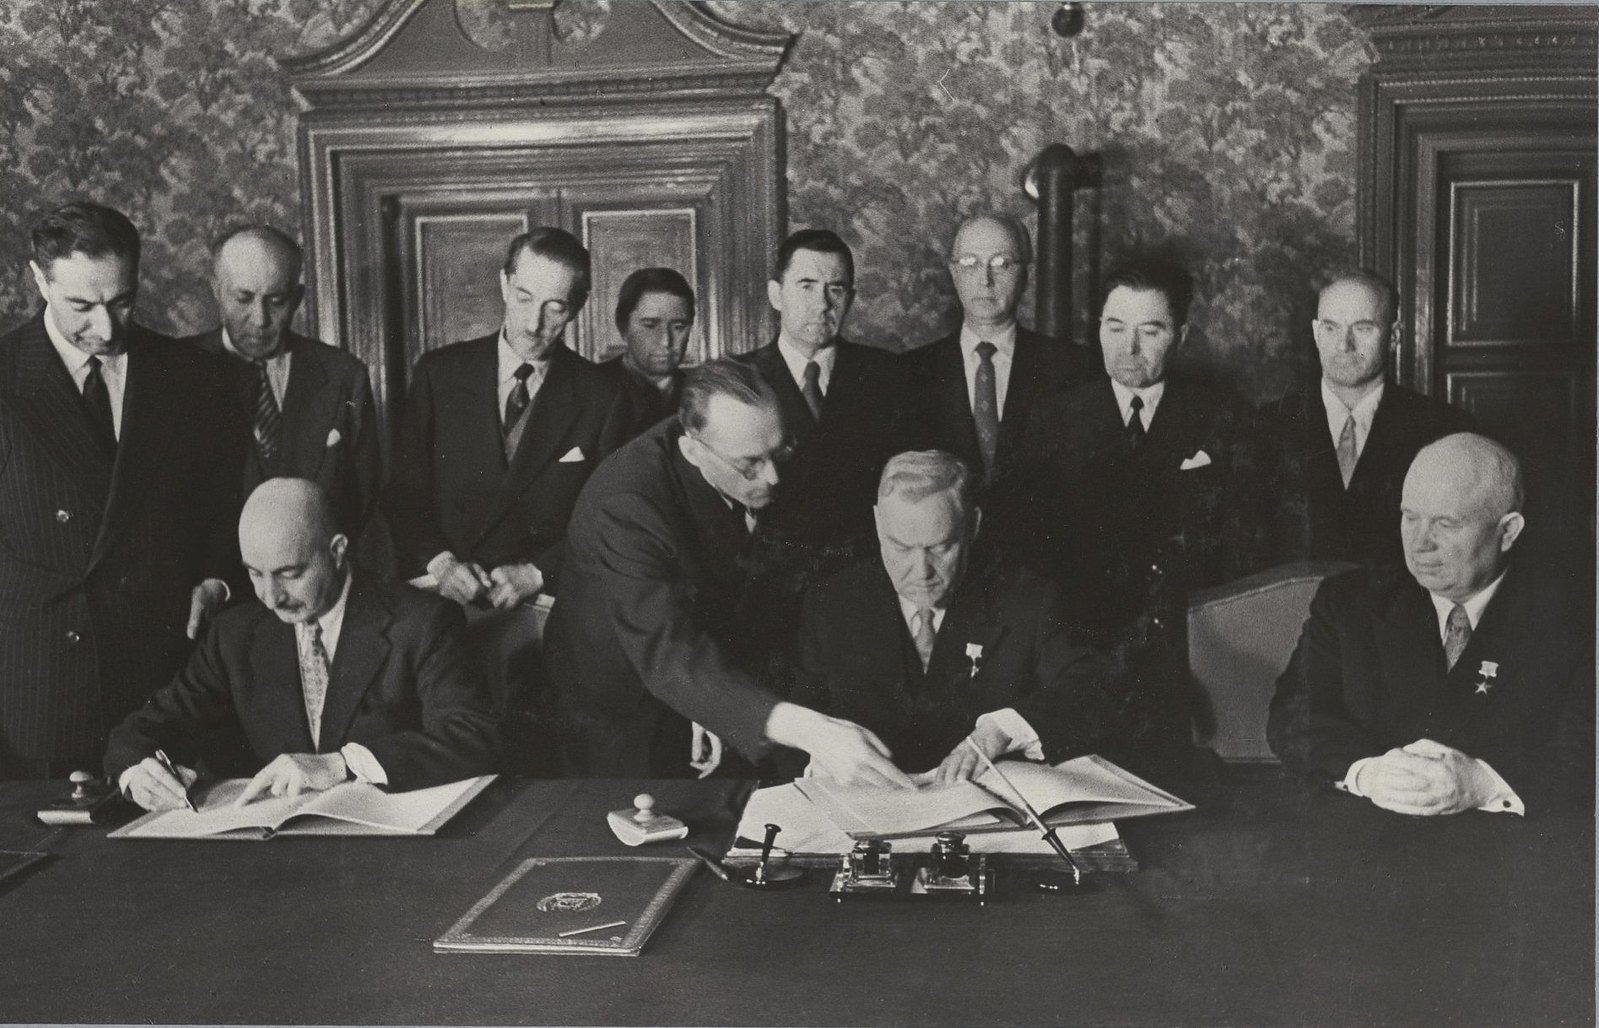 05. Подписание совместного заявления в Кабуле